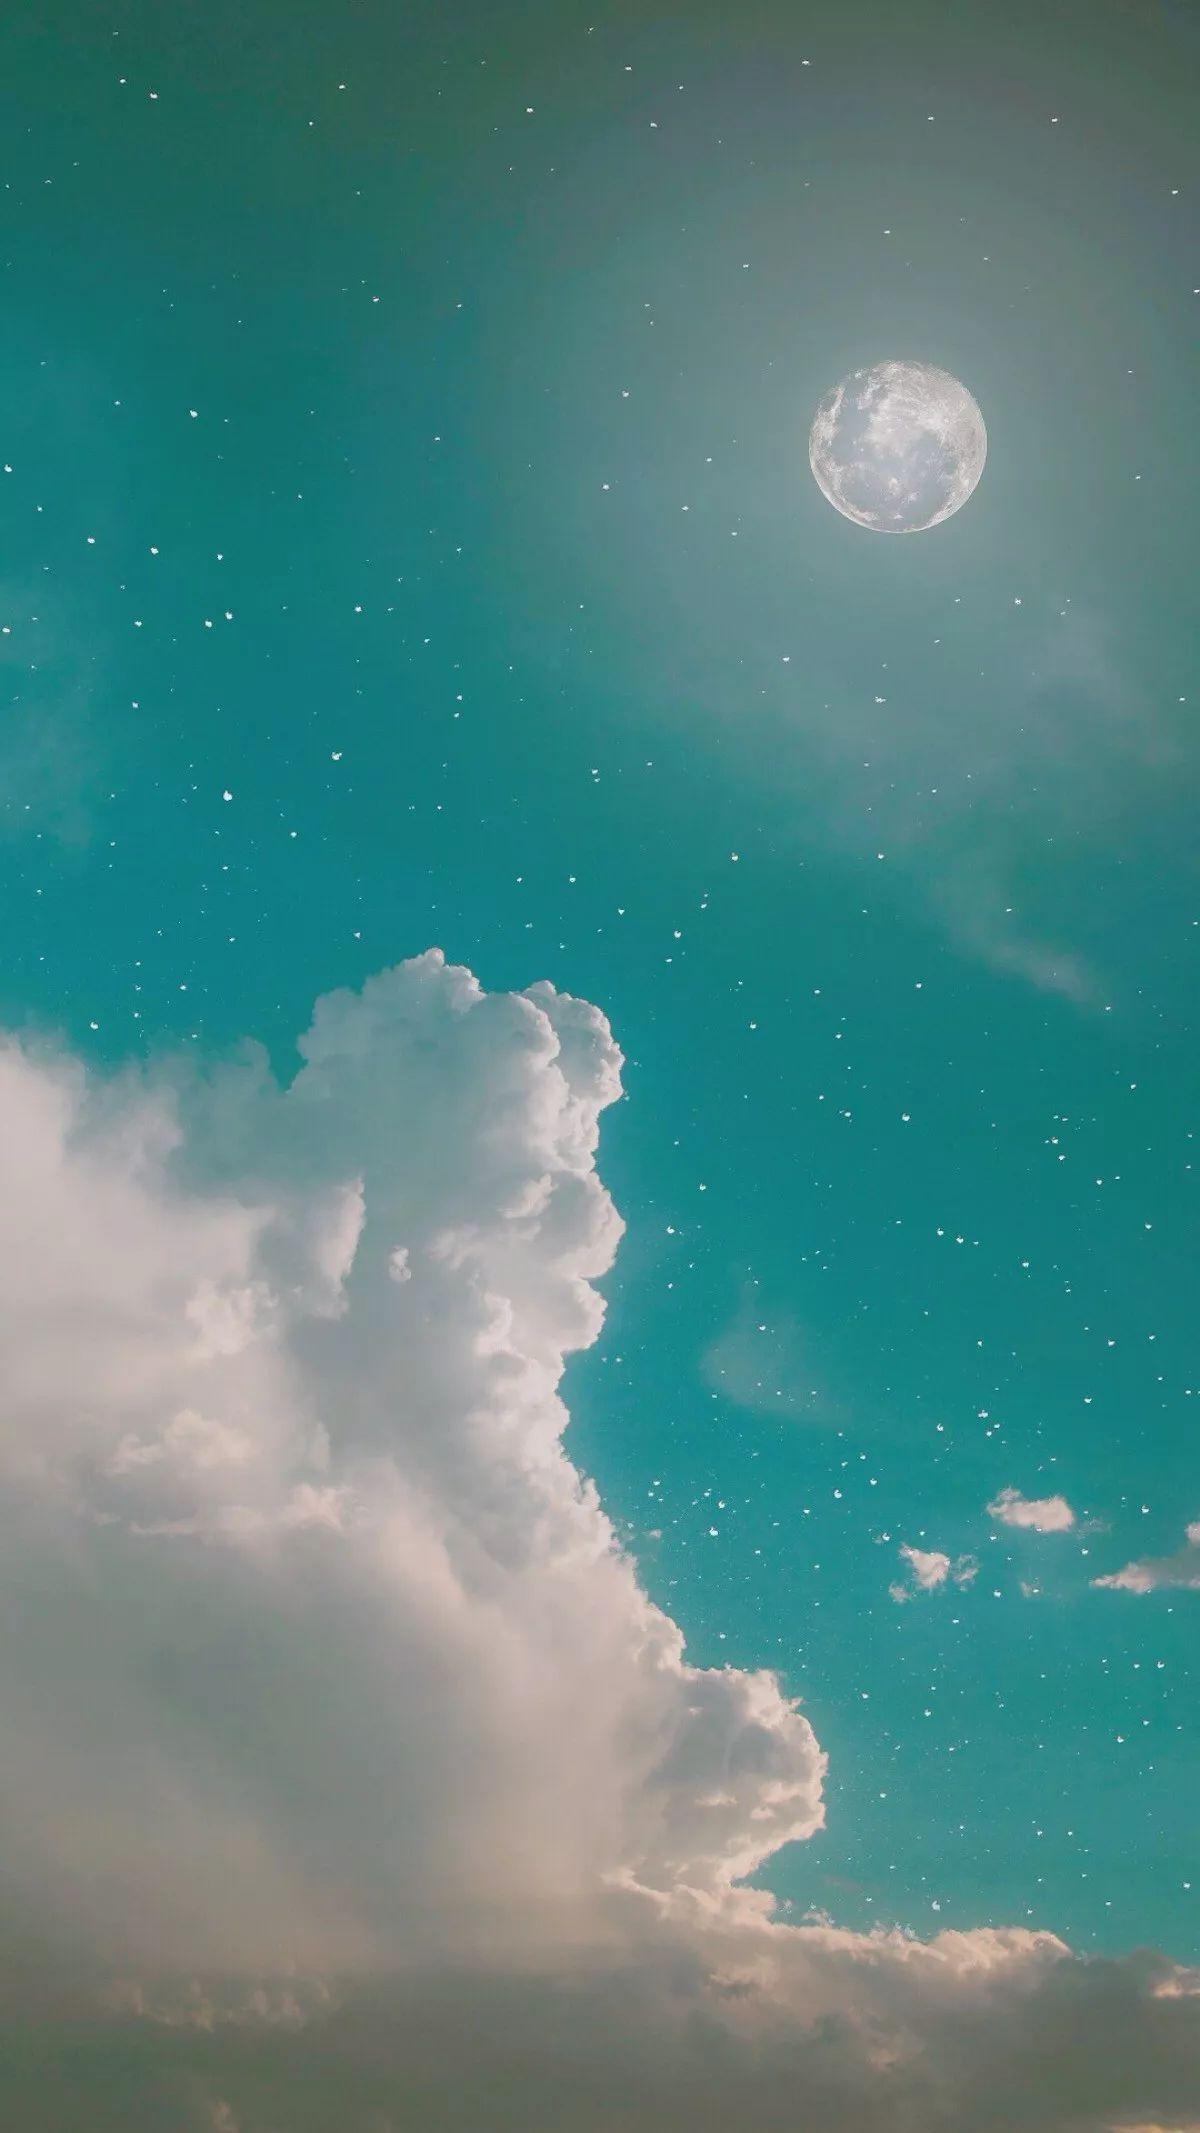 星空 唯美 浪漫 手机壁纸